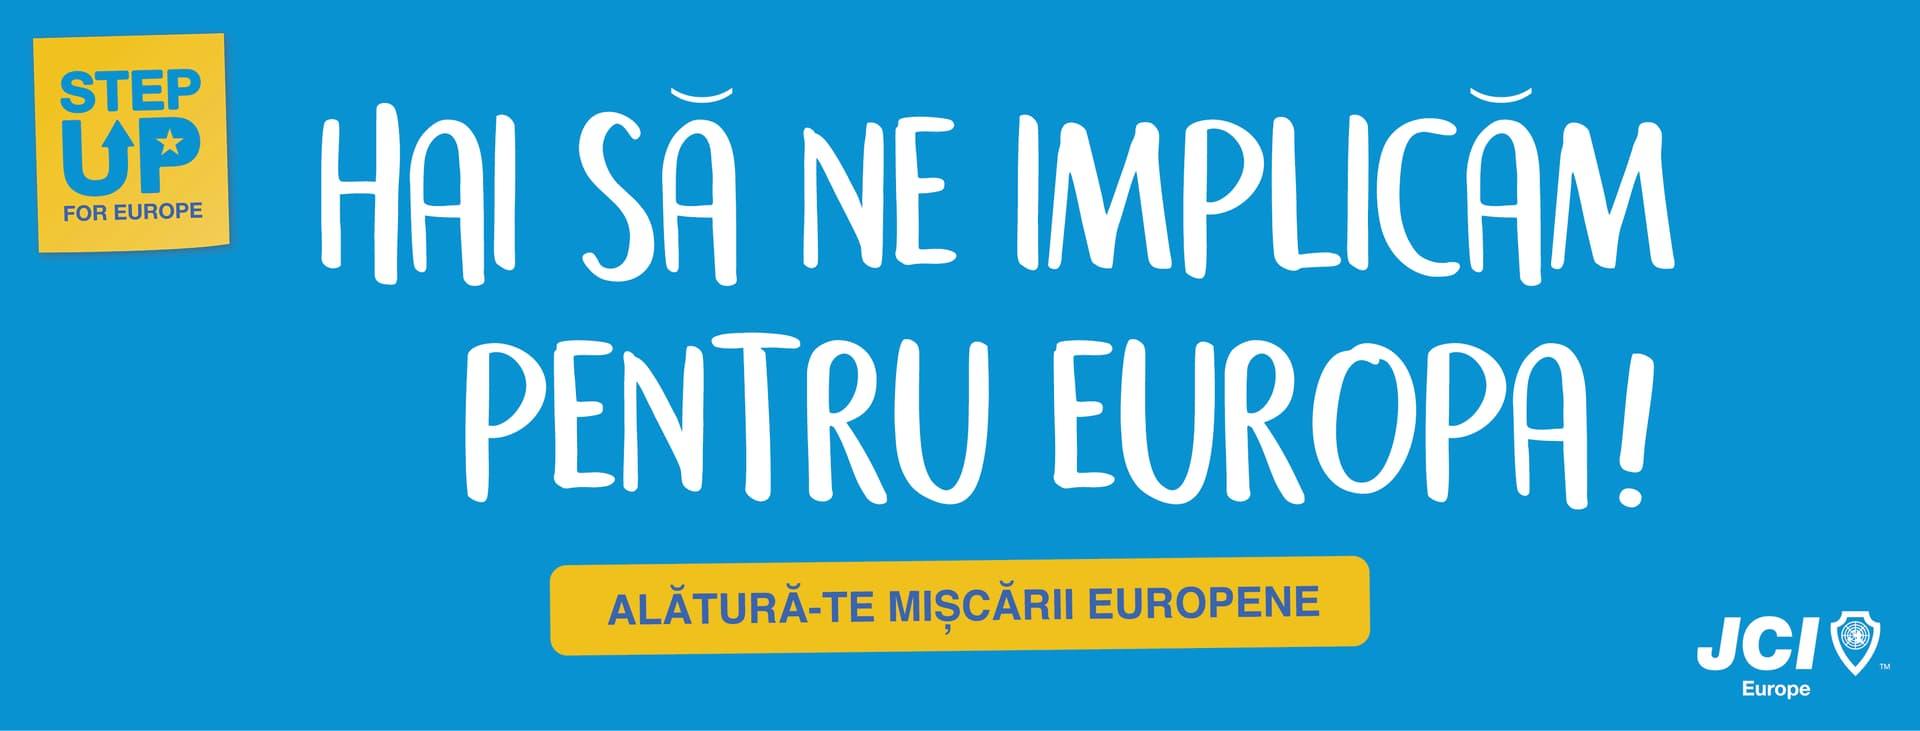 Interviu cu Iulia Popoviciu despre proiectul Step Up For Europe